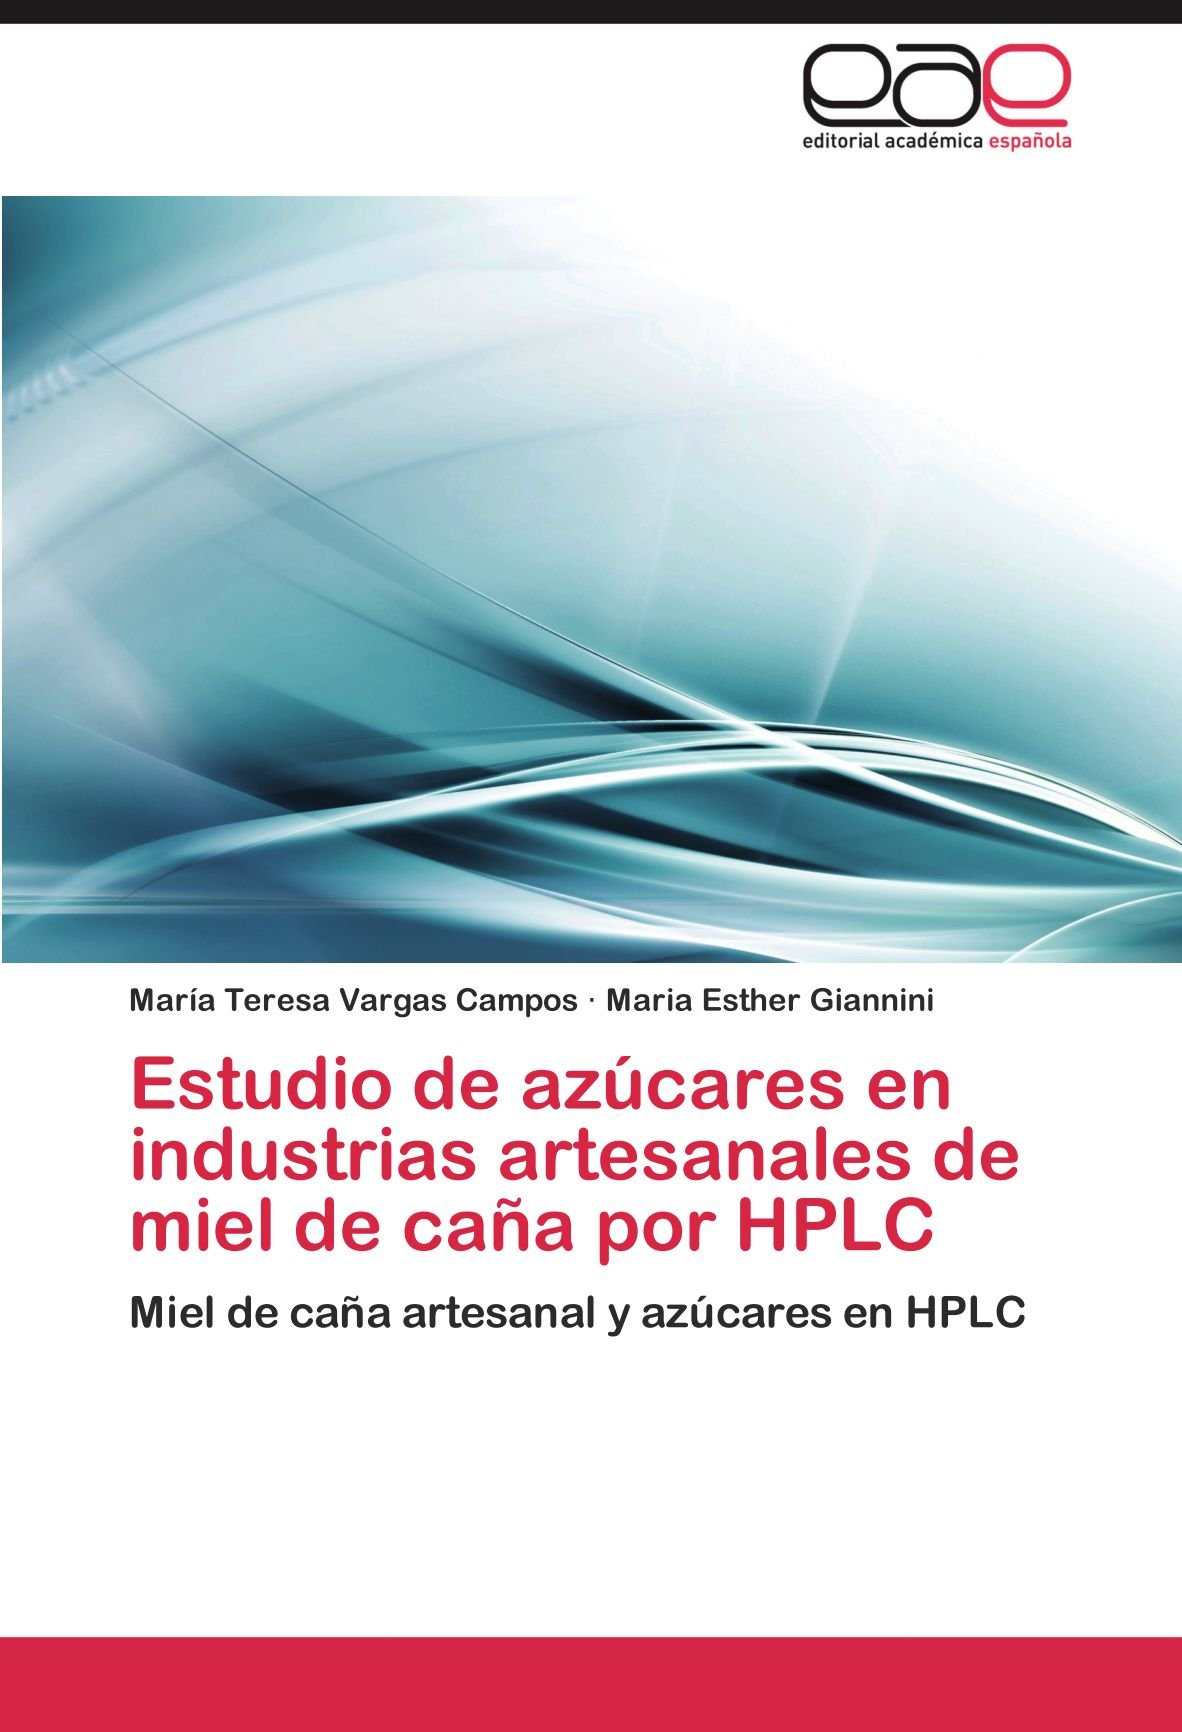 Estudio de azúcares en industrias artesanales de miel de caña por HPLC: Amazon.es: Vargas Campos María Teresa, Giannini Maria Esther: Libros